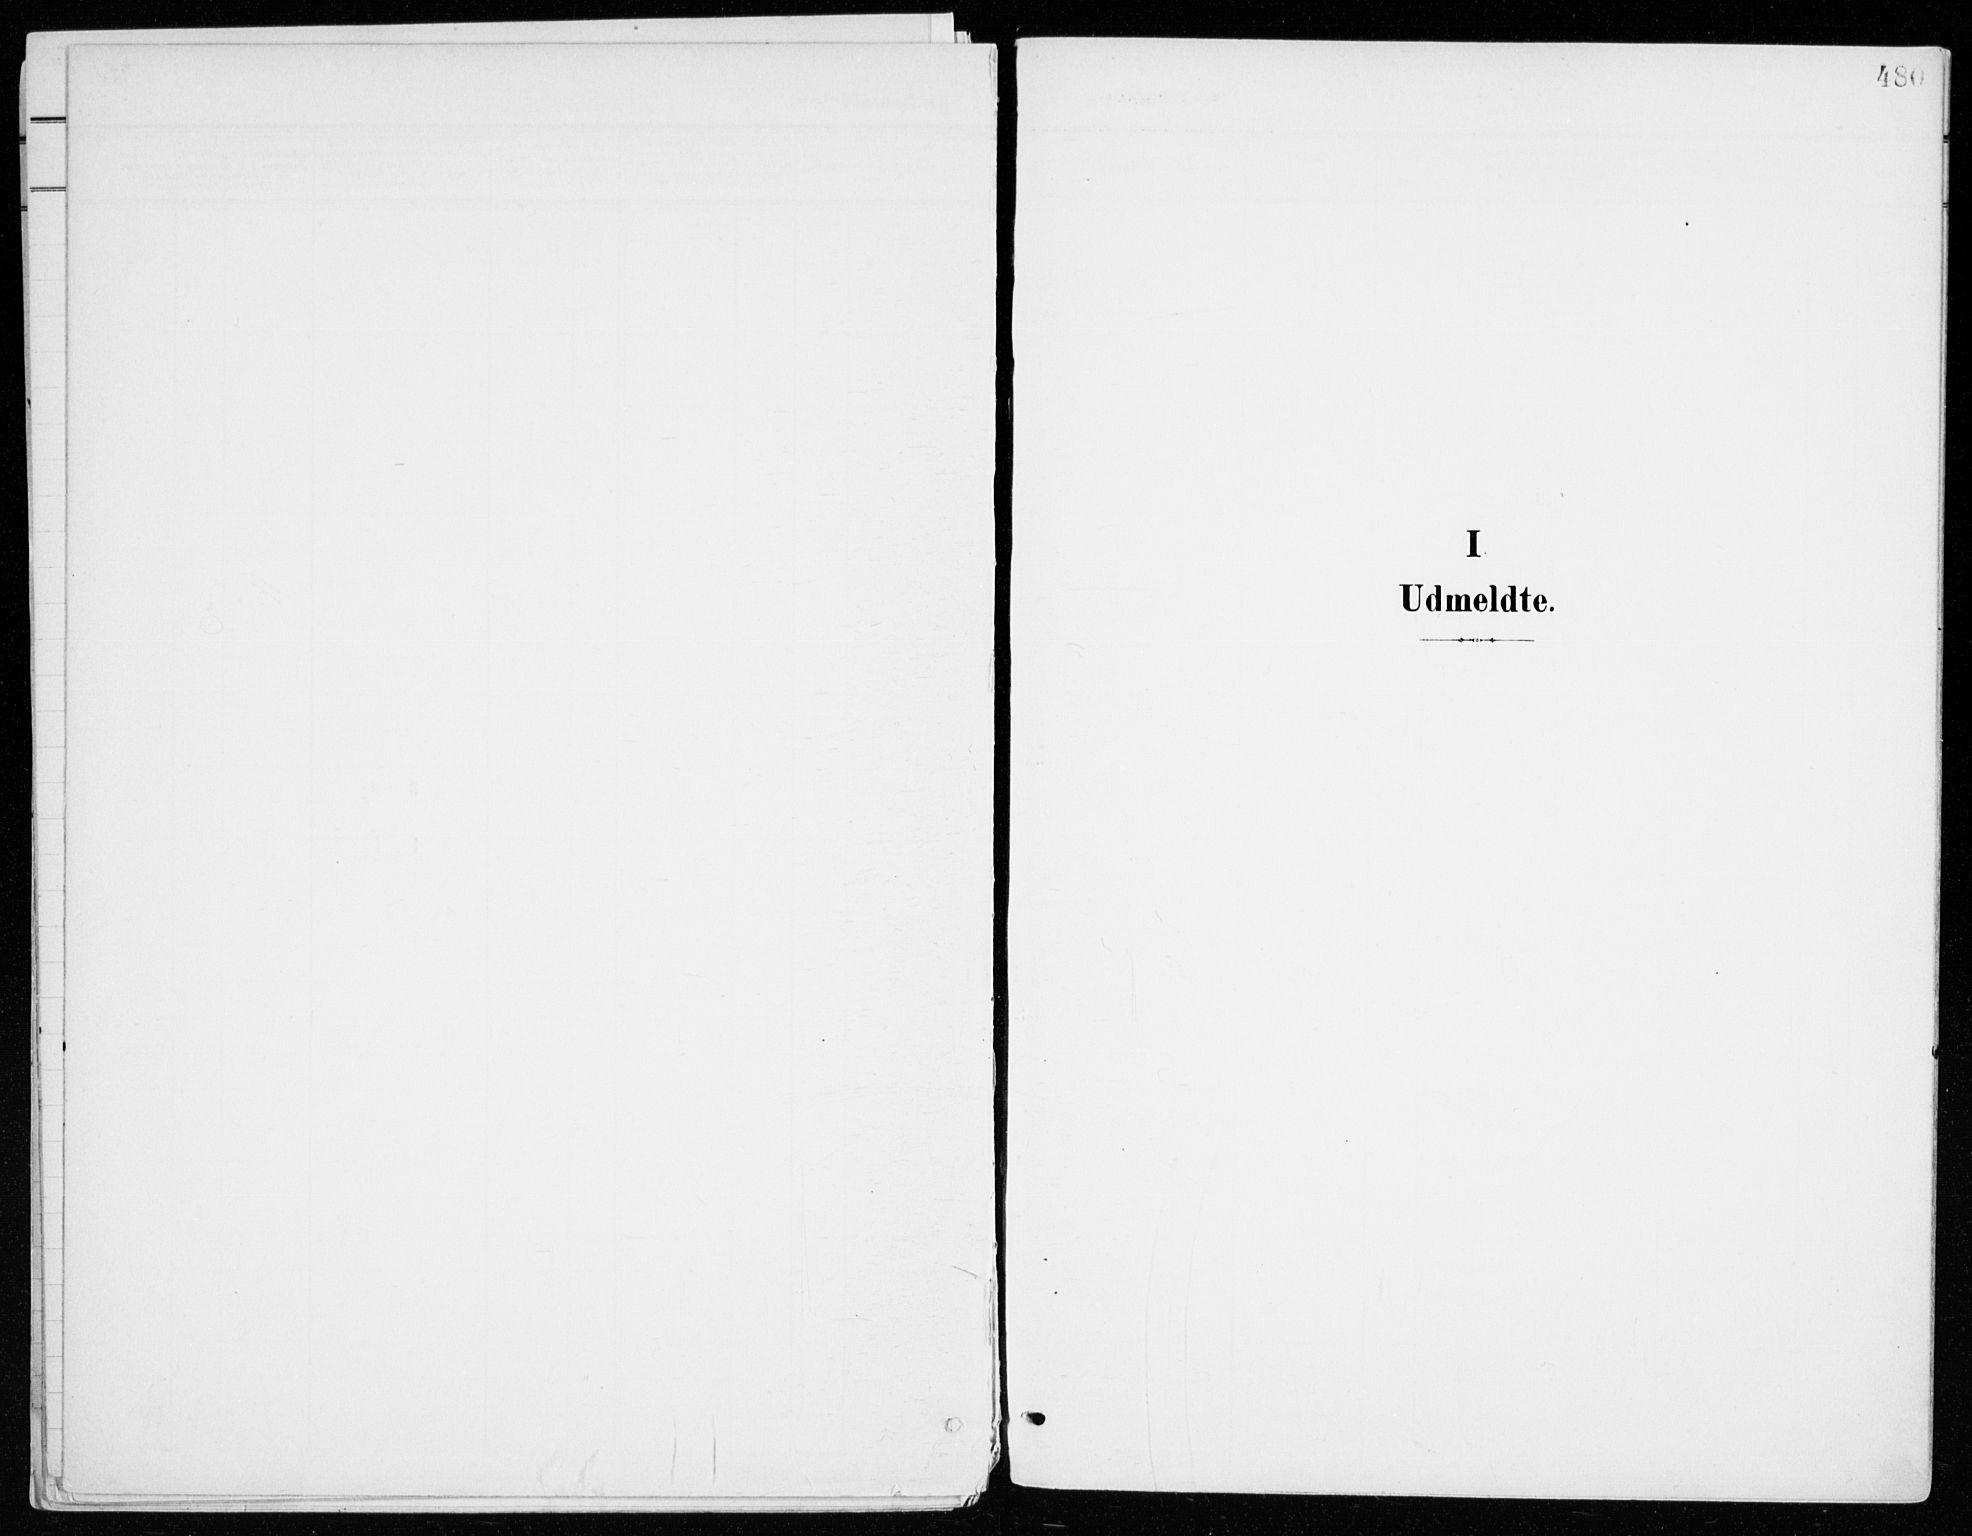 SAH, Vang prestekontor, Hedmark, H/Ha/Haa/L0021: Ministerialbok nr. 21, 1902-1917, s. 480